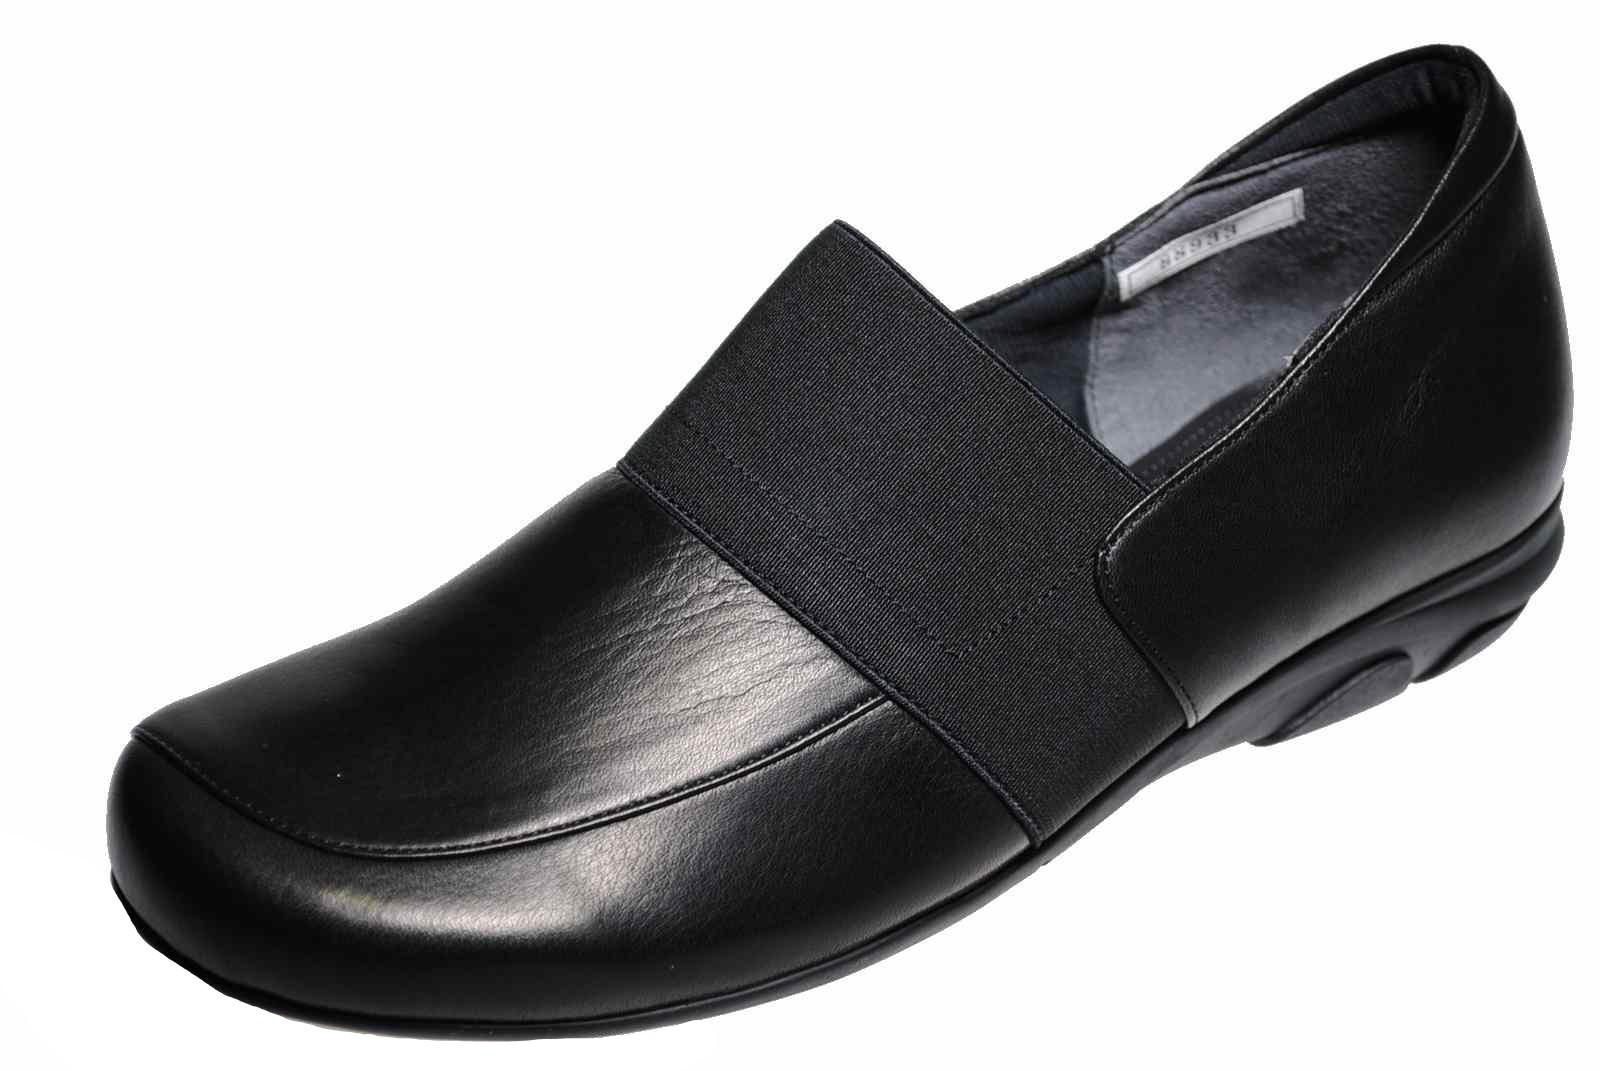 スリッポン 日本製 お中元 牛革 防滑 オブリークトウ 外反母趾 毎日激安特売で 営業中です 3E 靴のHOSHIKAWA MONET EEEレディース 幅広 モネ スリッポンレザーシューズ 88933 ブラック21cm~24.5cm